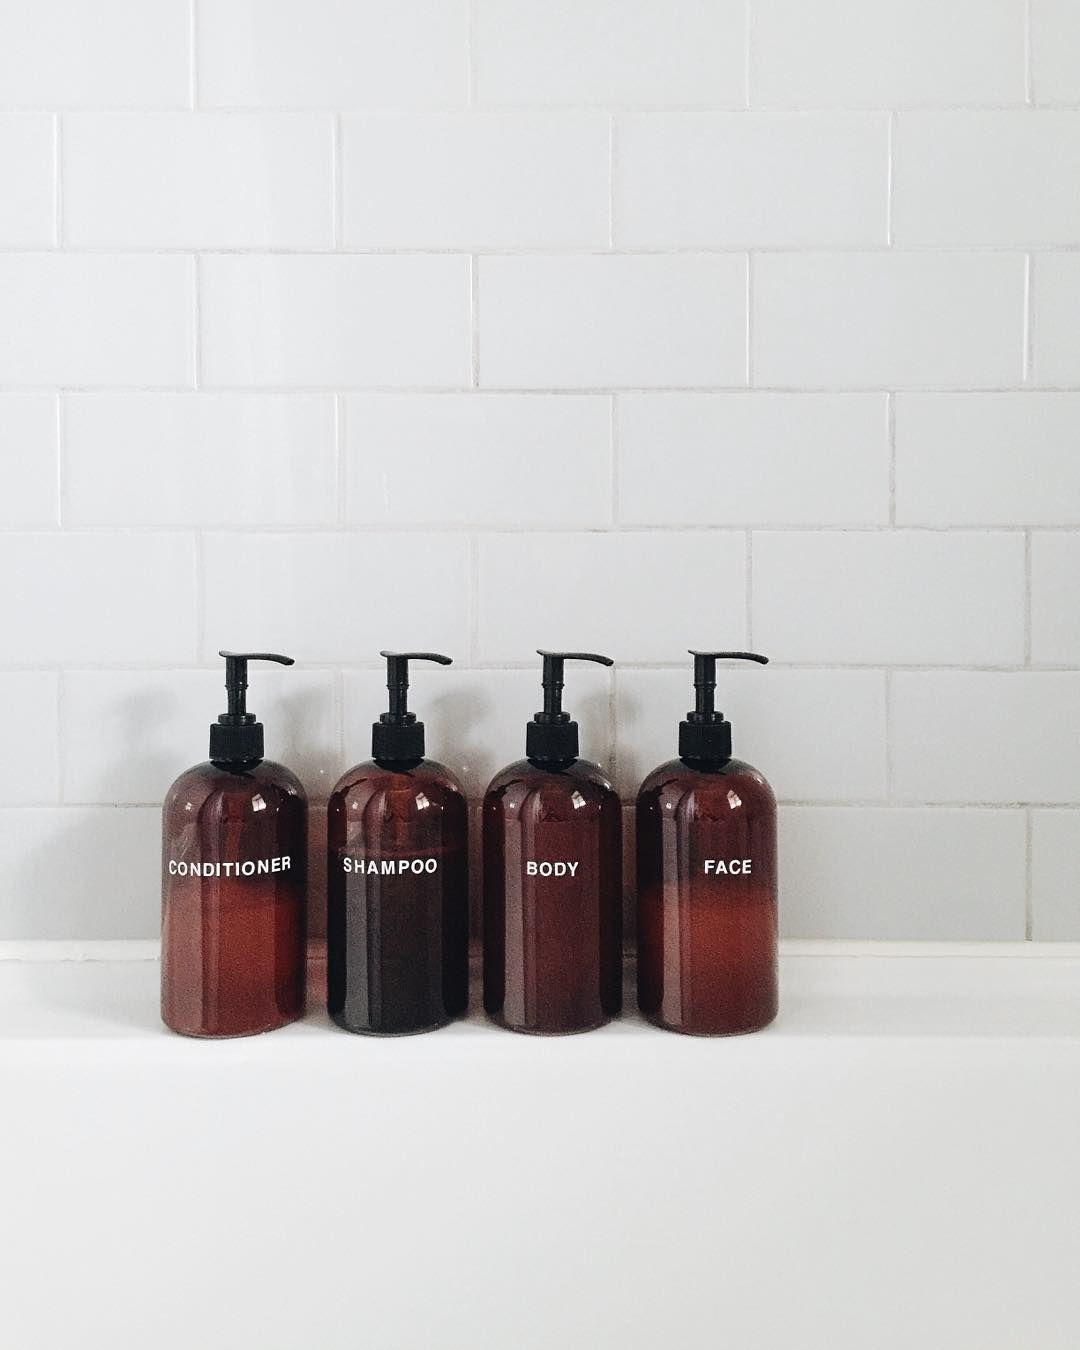 Minimalist Bathroom Pinterest: Minimalist Bathroom Packaging Via Instagram: @eevosburgh